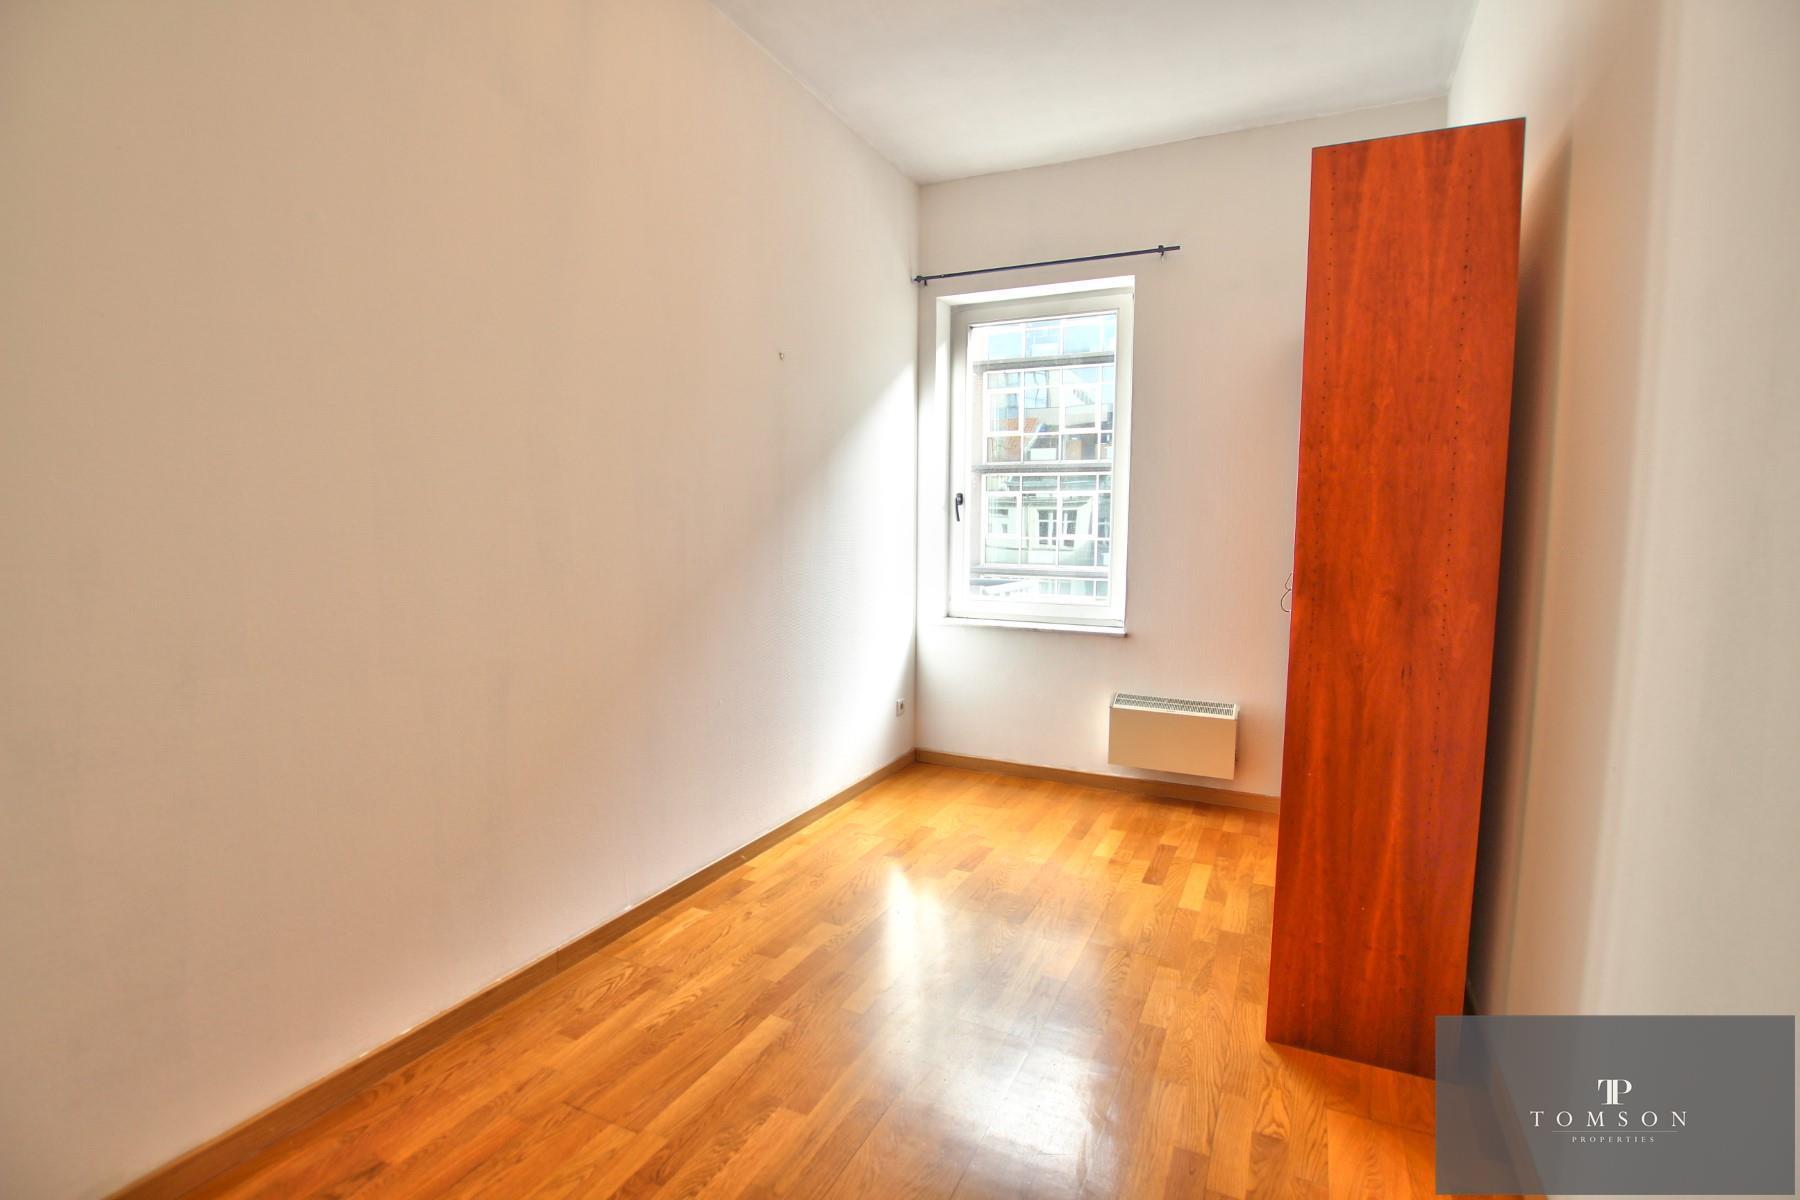 Appartement - Etterbeek - #4324778-6